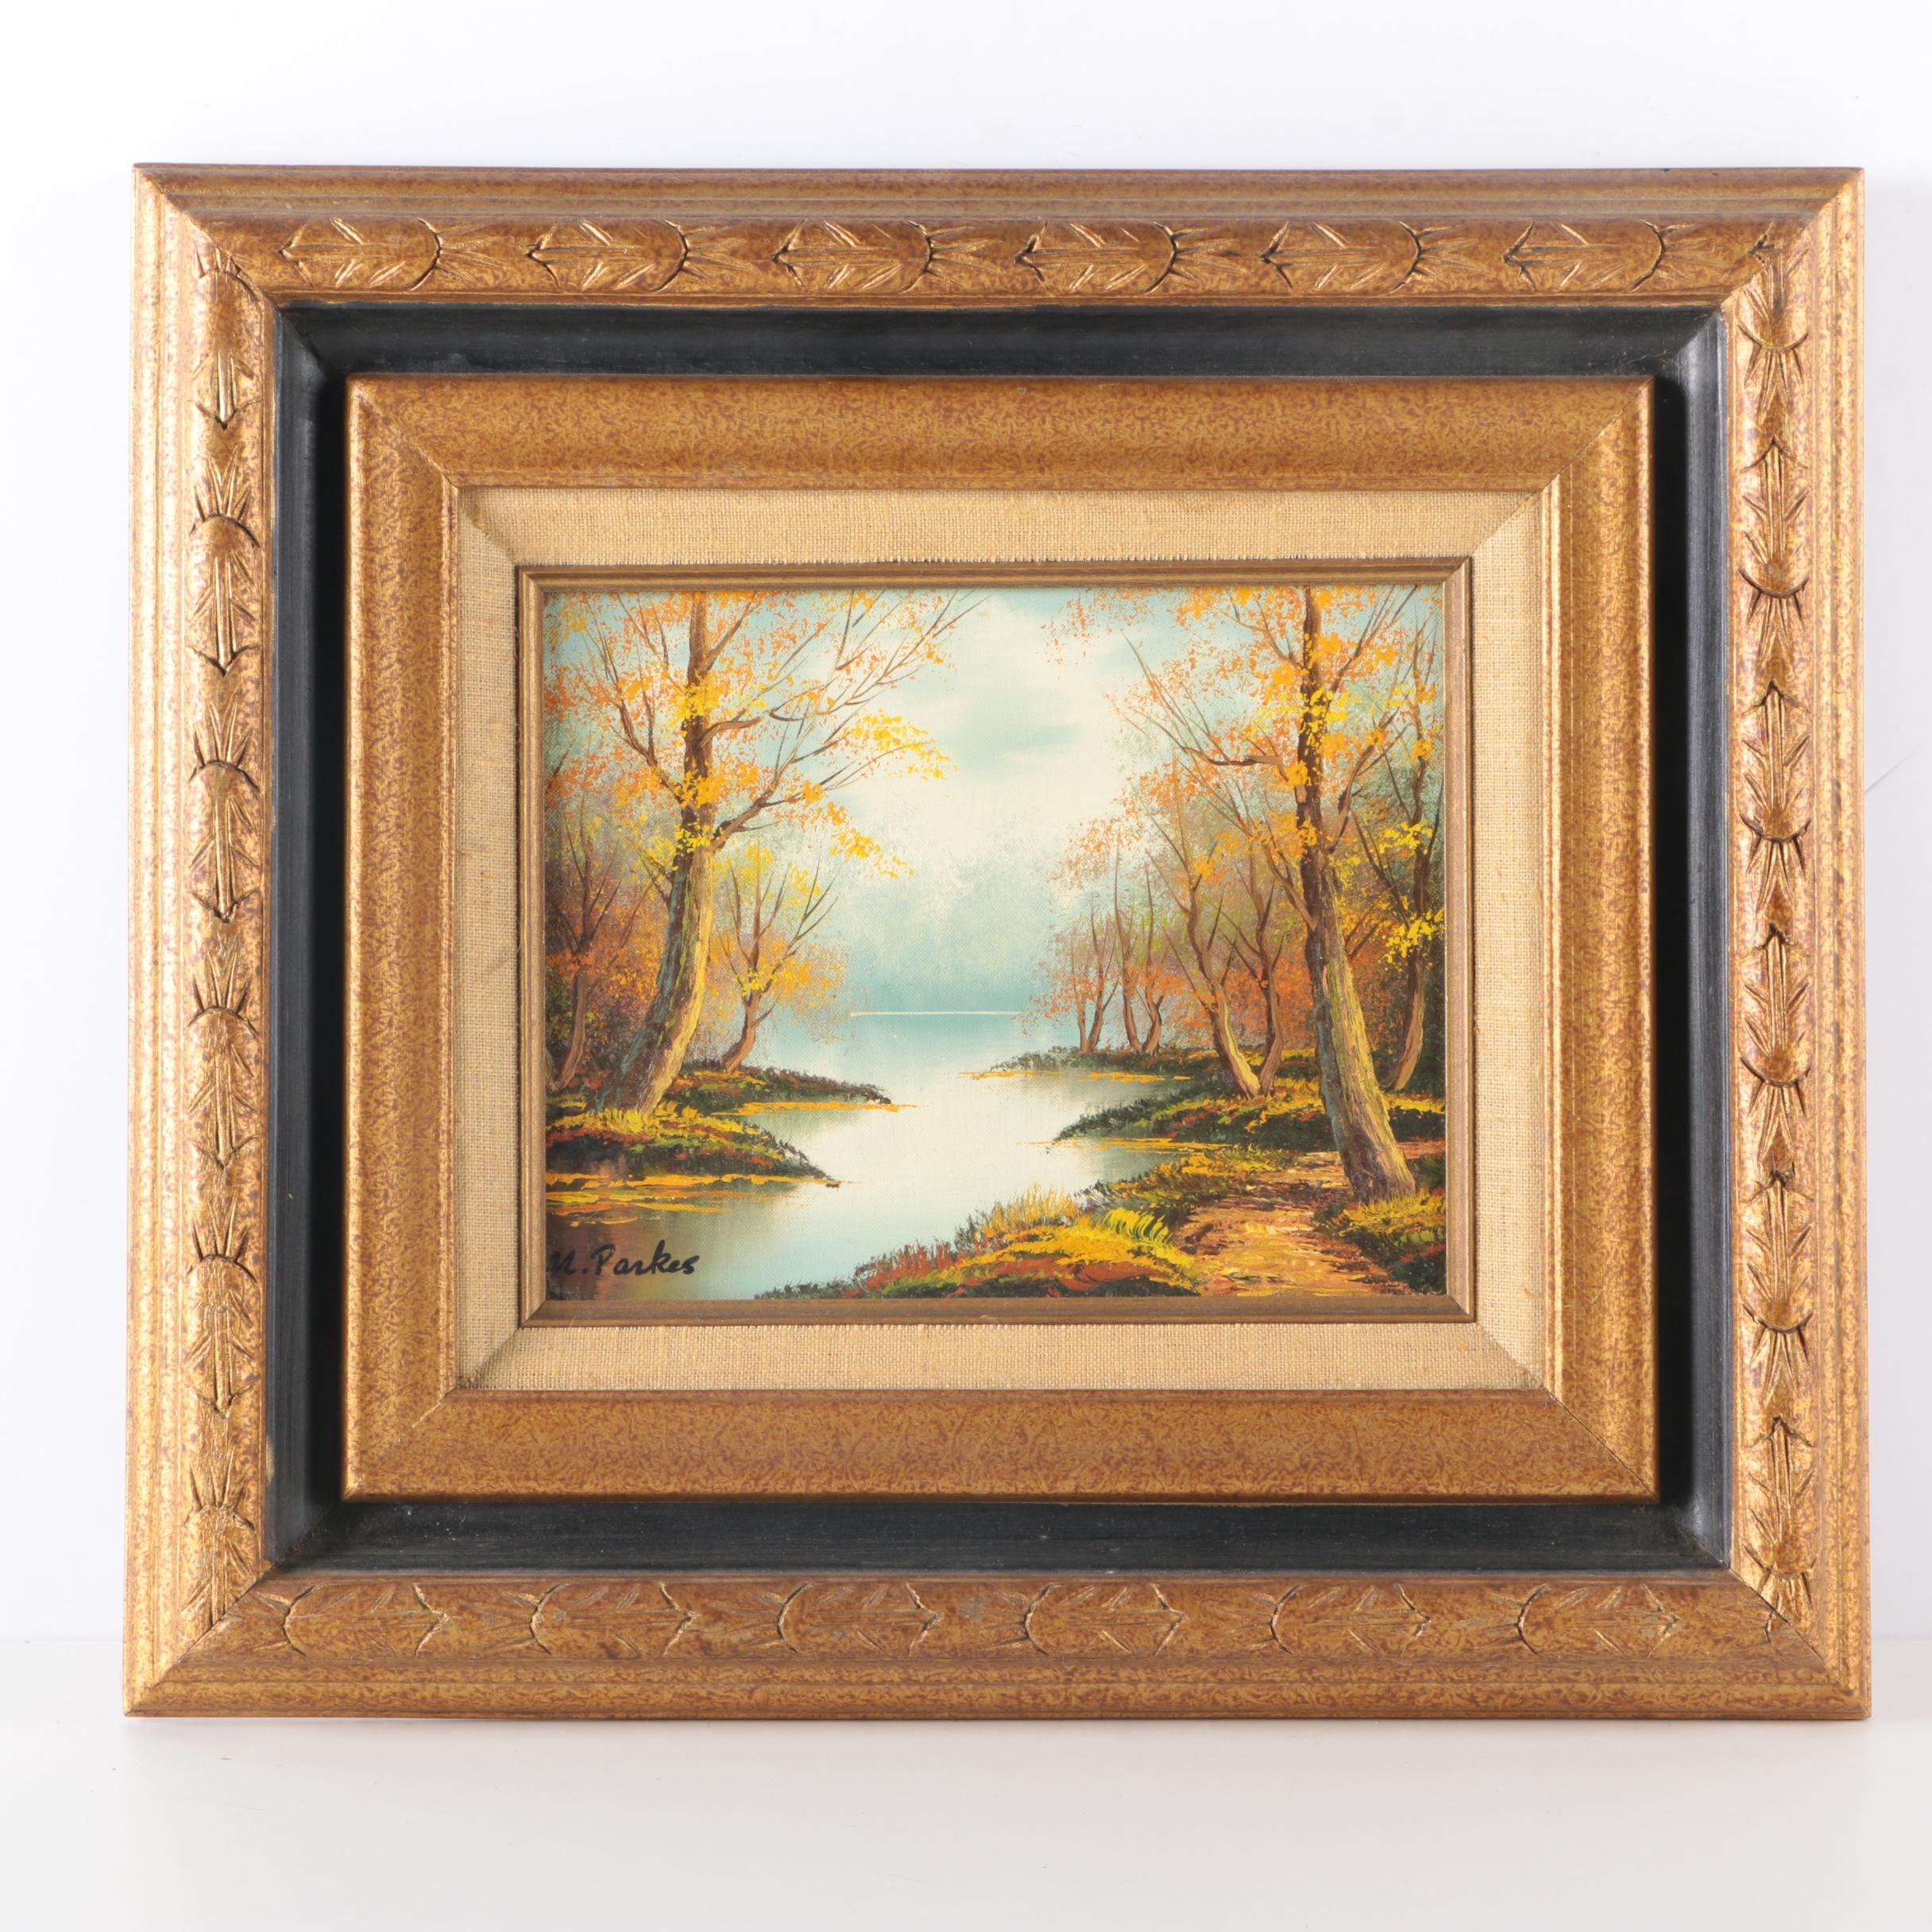 M. Parkes Oil Painting of Landscape